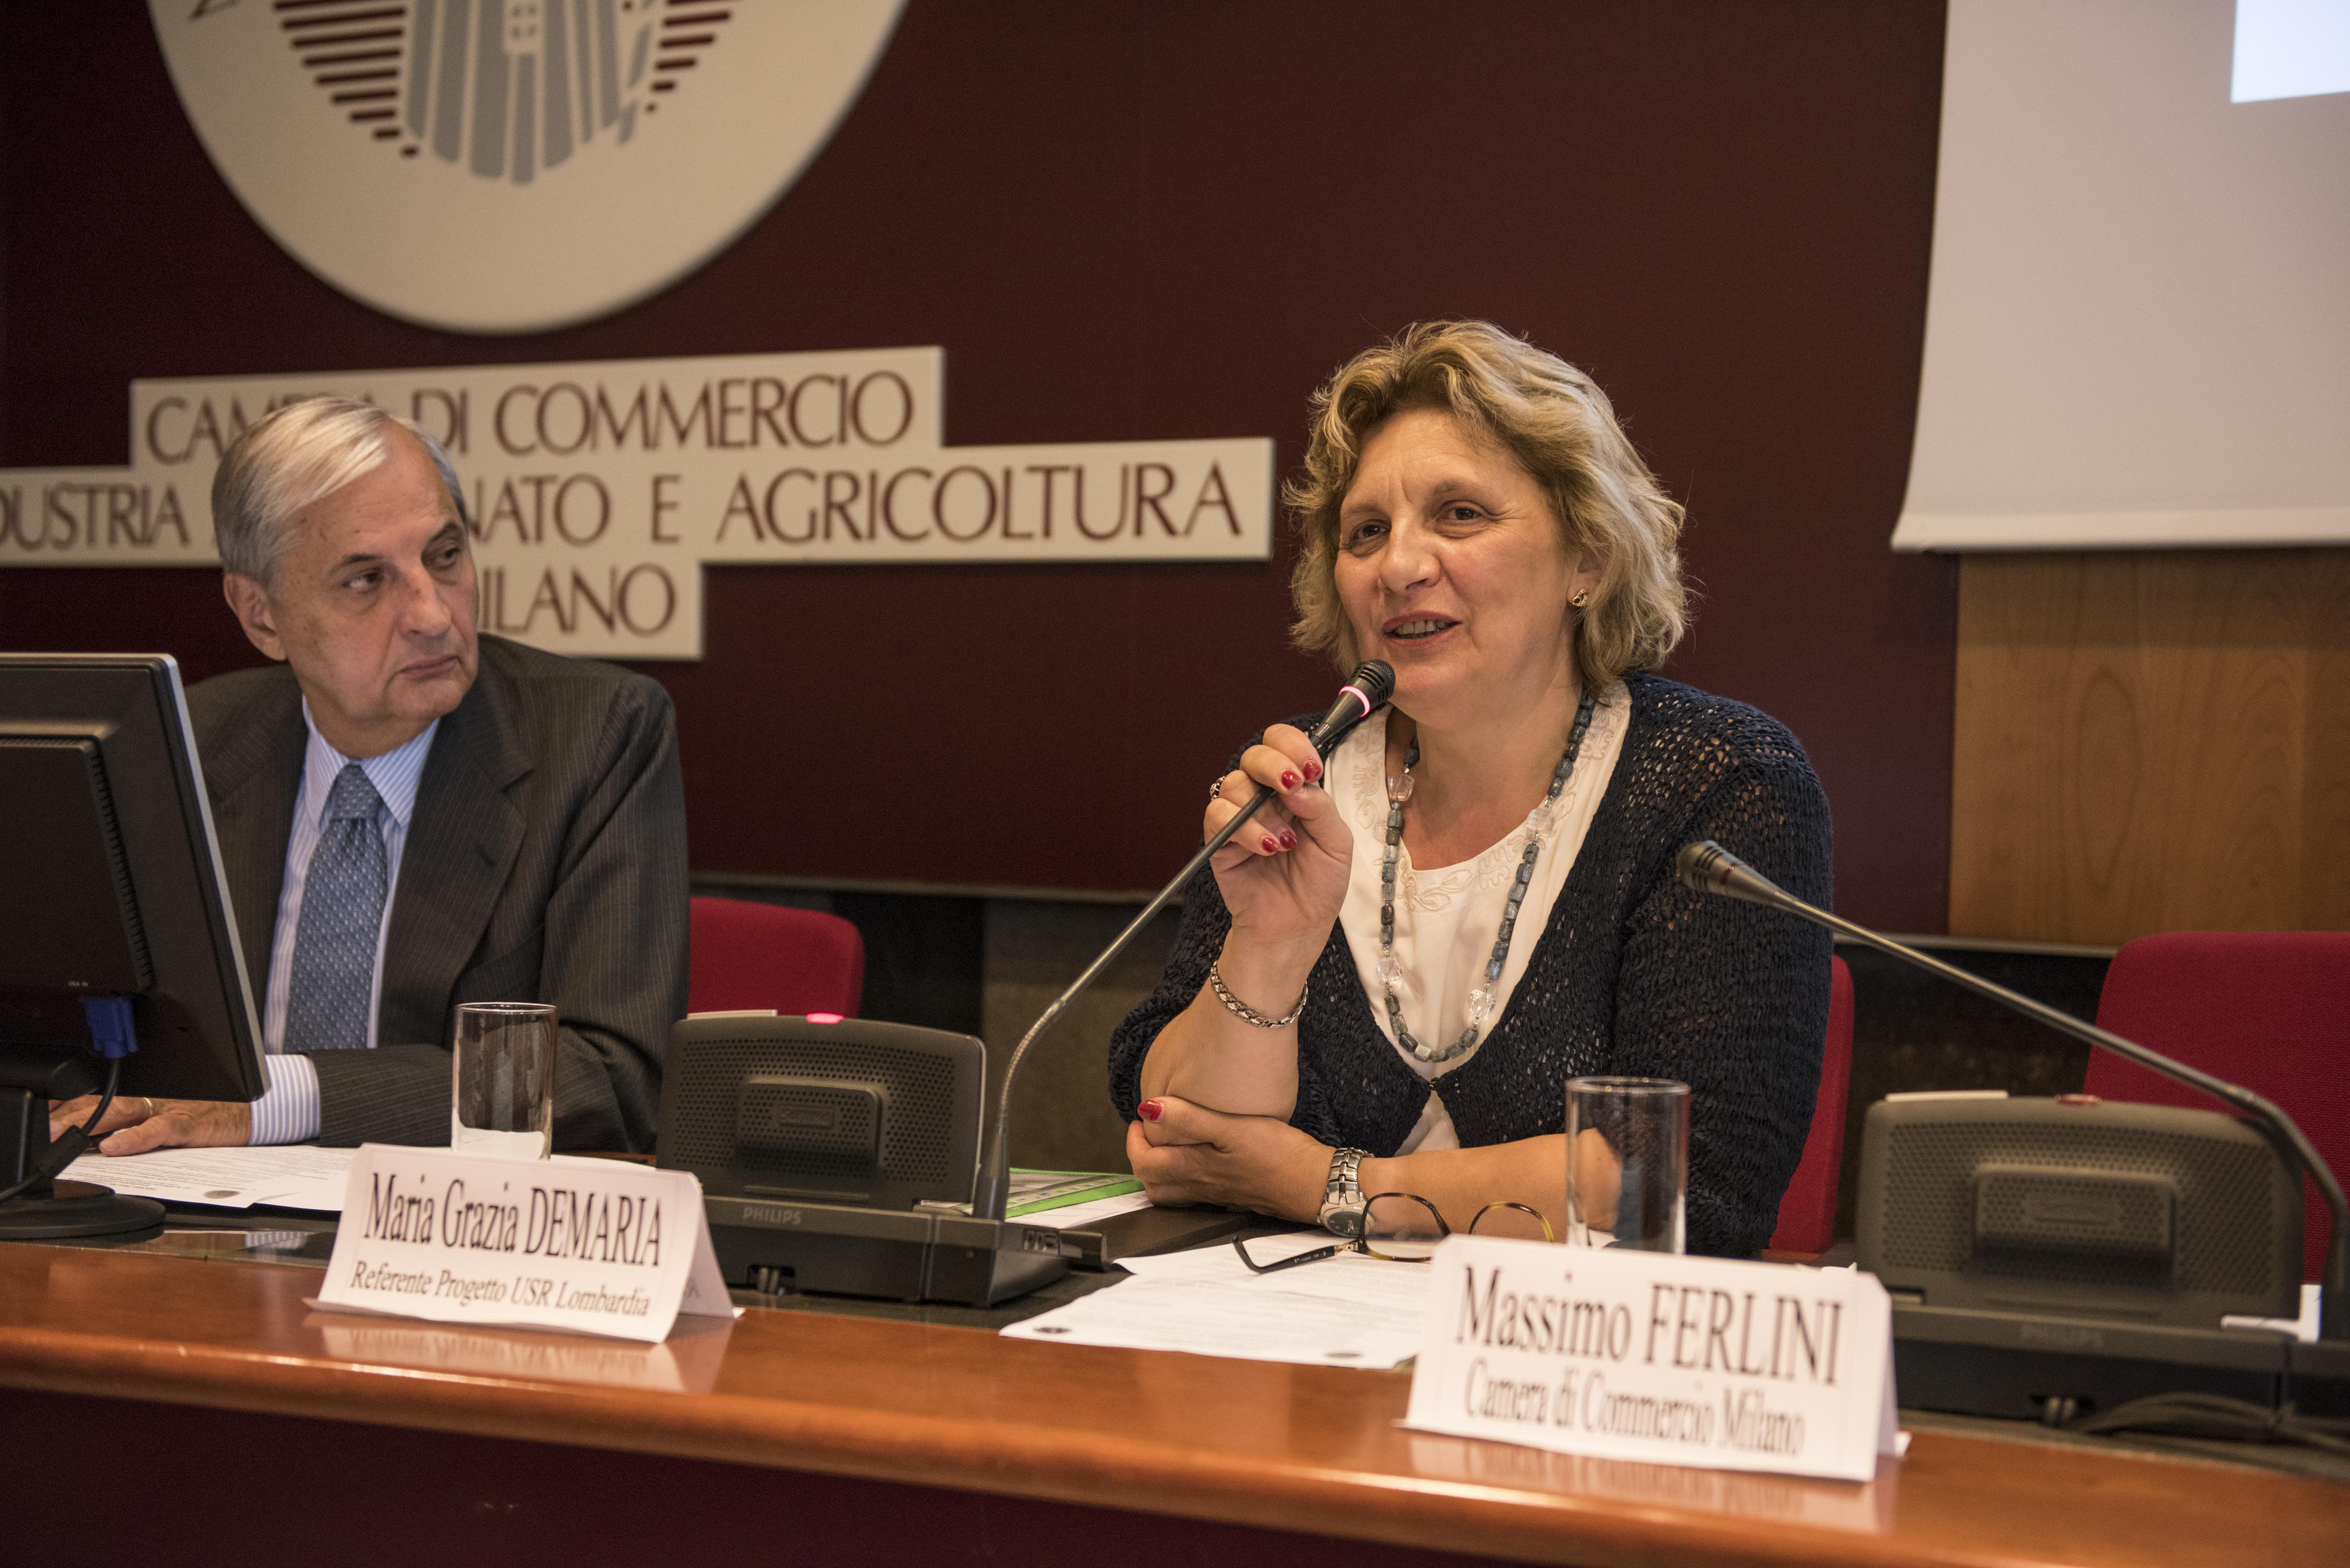 Giampio Bracchi (Presidente di Prospera) e Maria Grazia Demaria (Referente Progetto USR Lombardia).